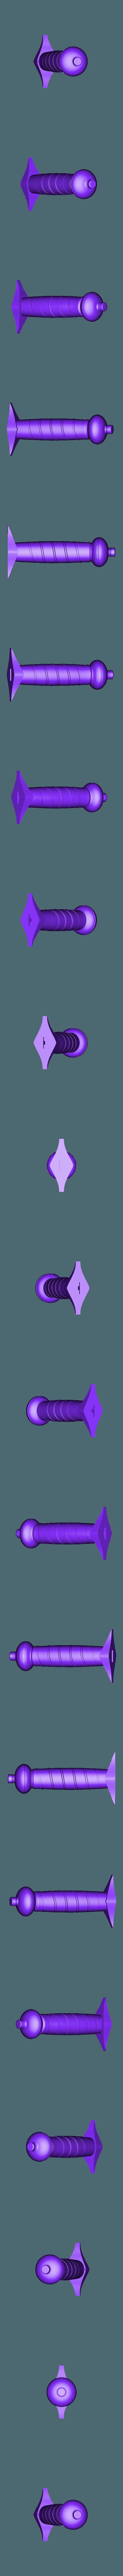 Large_Volume_handle.stl Download free STL file V for Vendetta Dagger New and Improved • 3D printer model, stensethjeremy